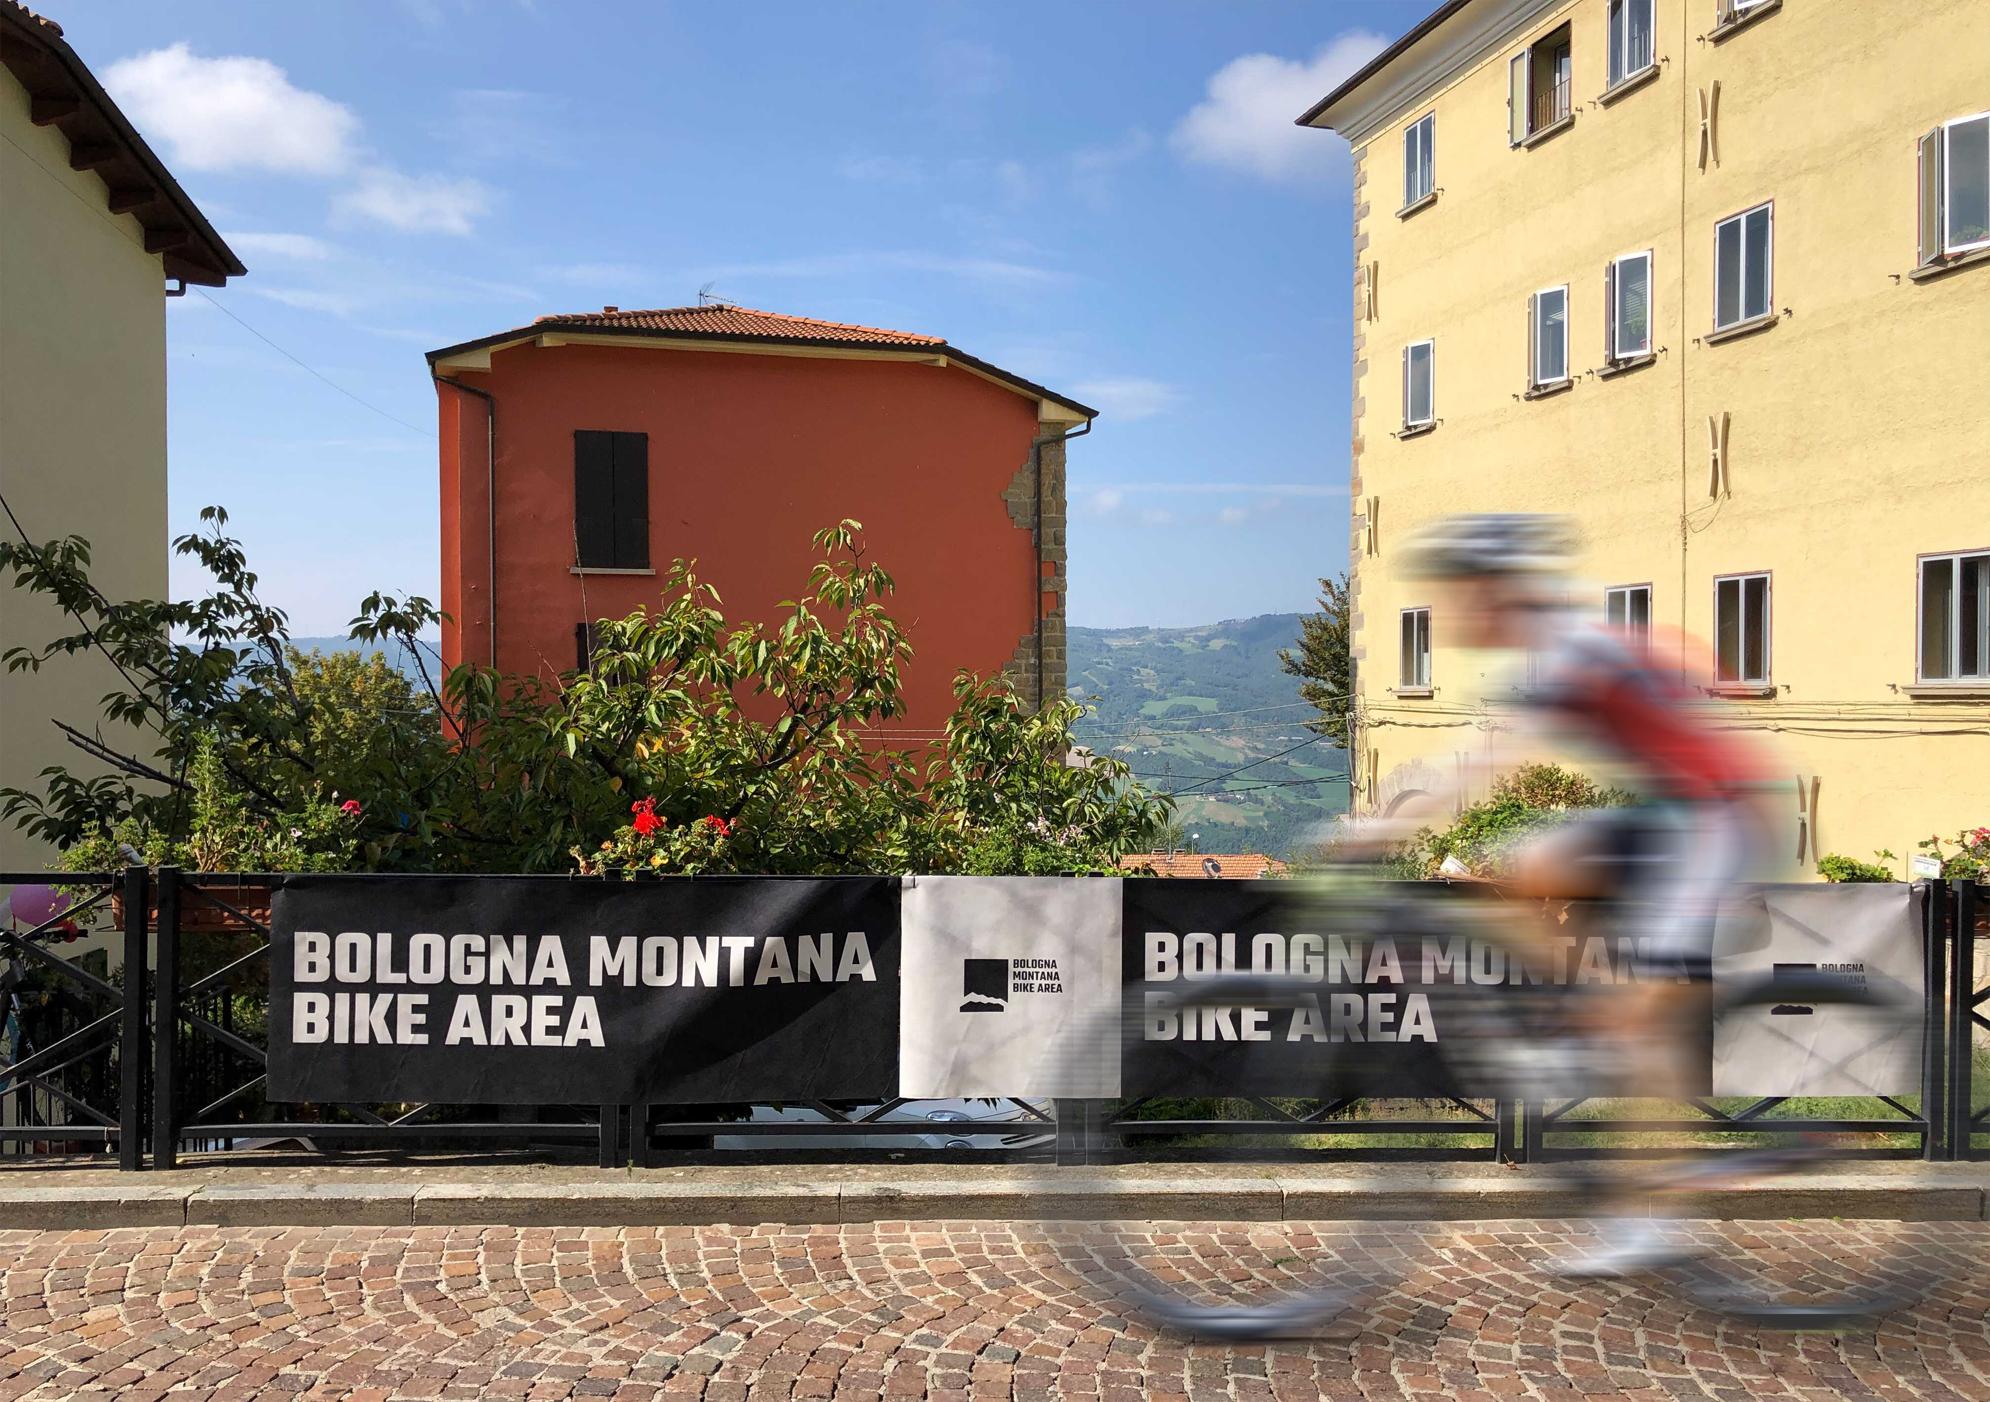 Una fotografia del Bologna Montana Bike Festival a Loiano. Comunicazione web e a stampa a cura di Studio Nilo.